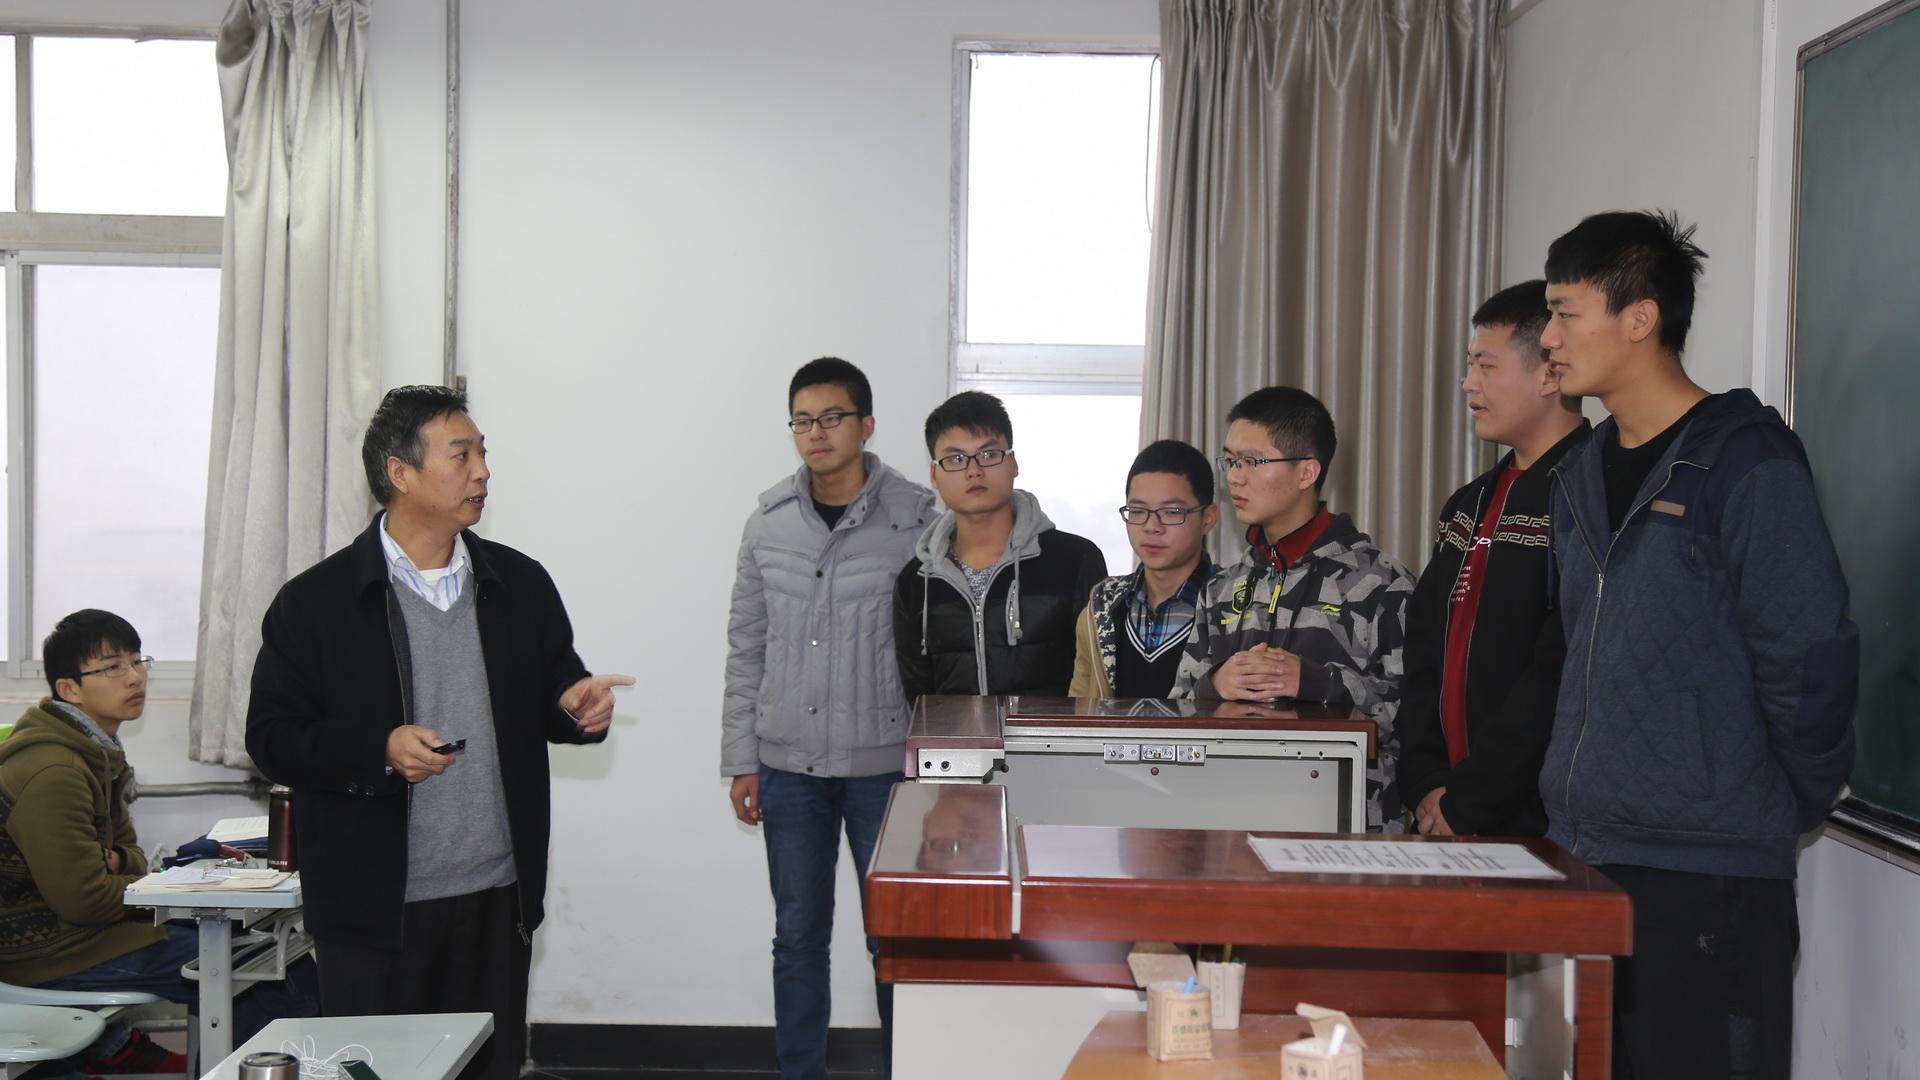 张林生老师对学生汇报进行细致点评图片